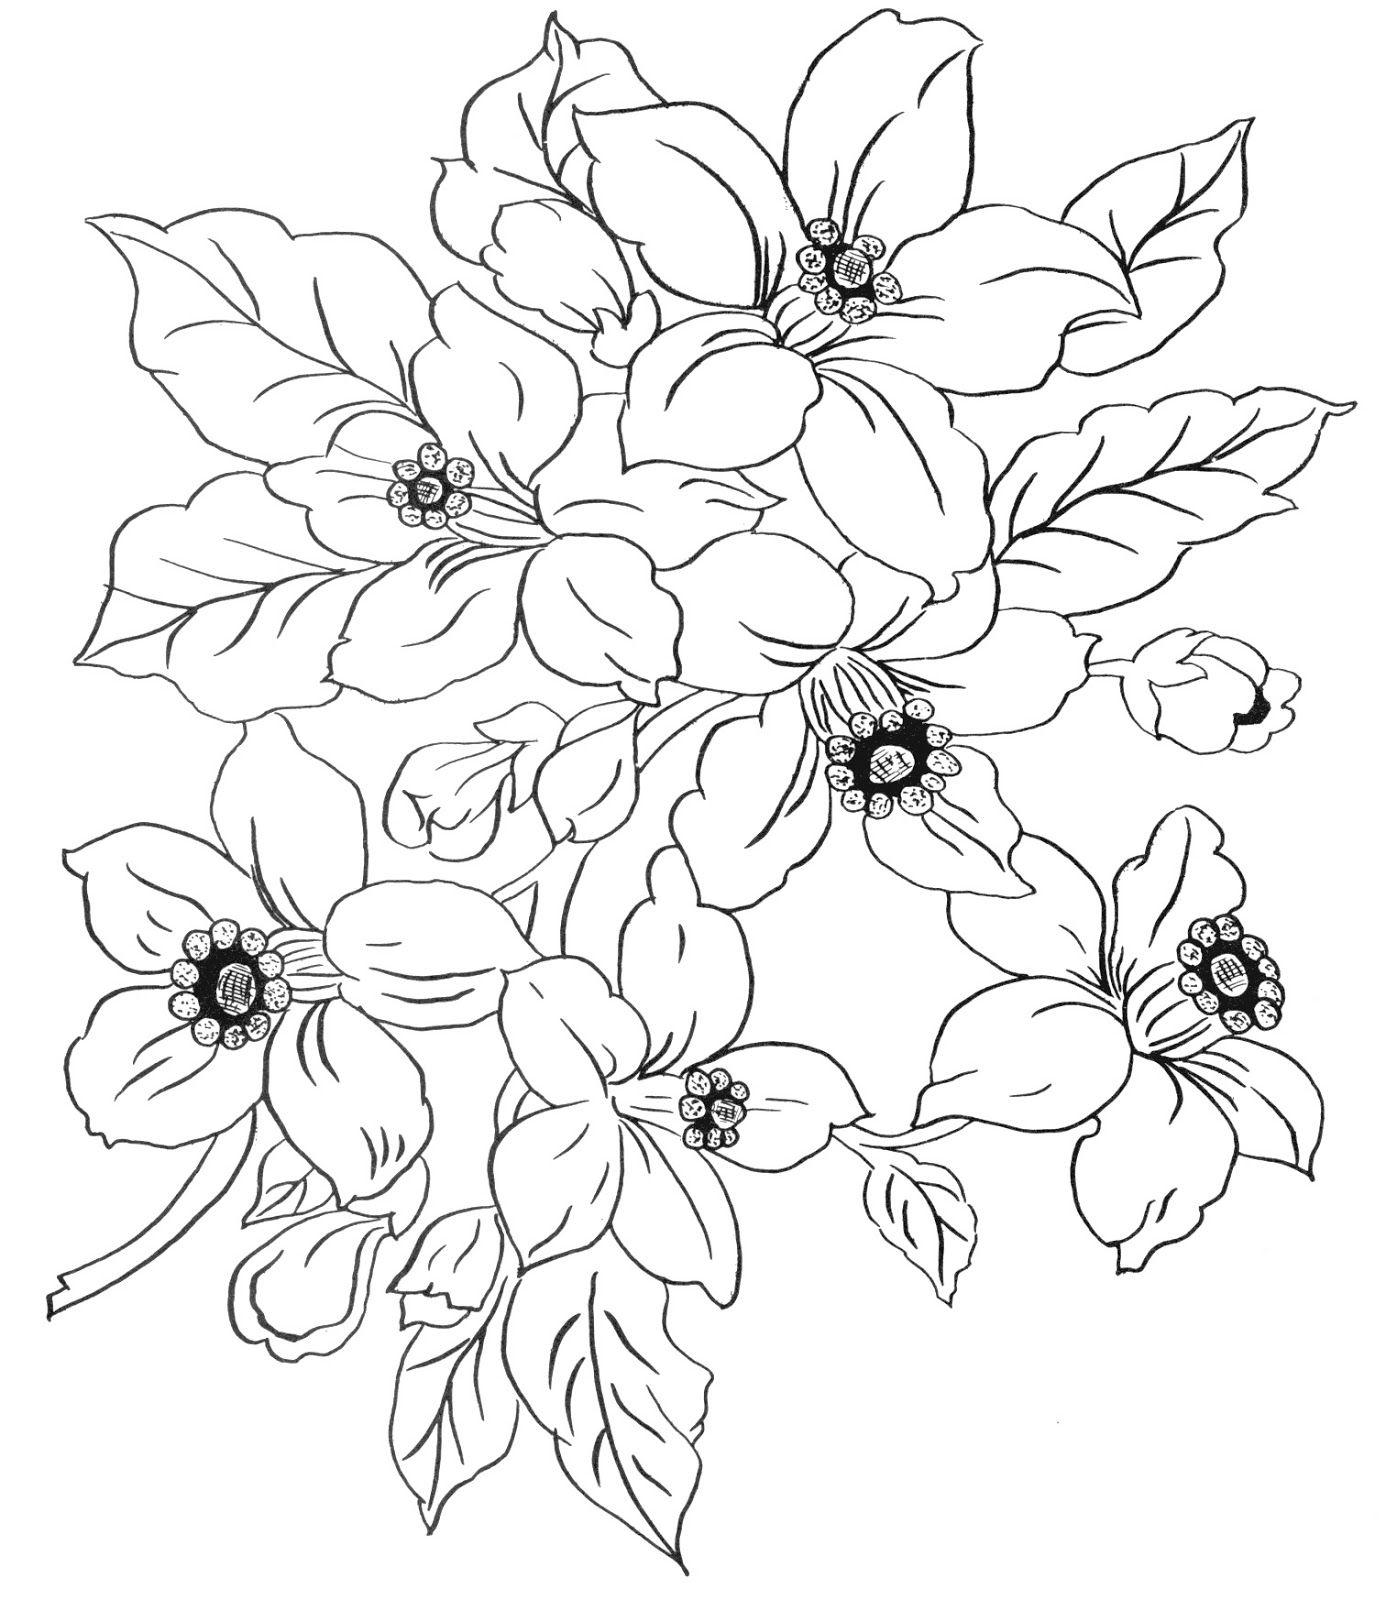 цветочные композиции картинки карандашом вскоре решил